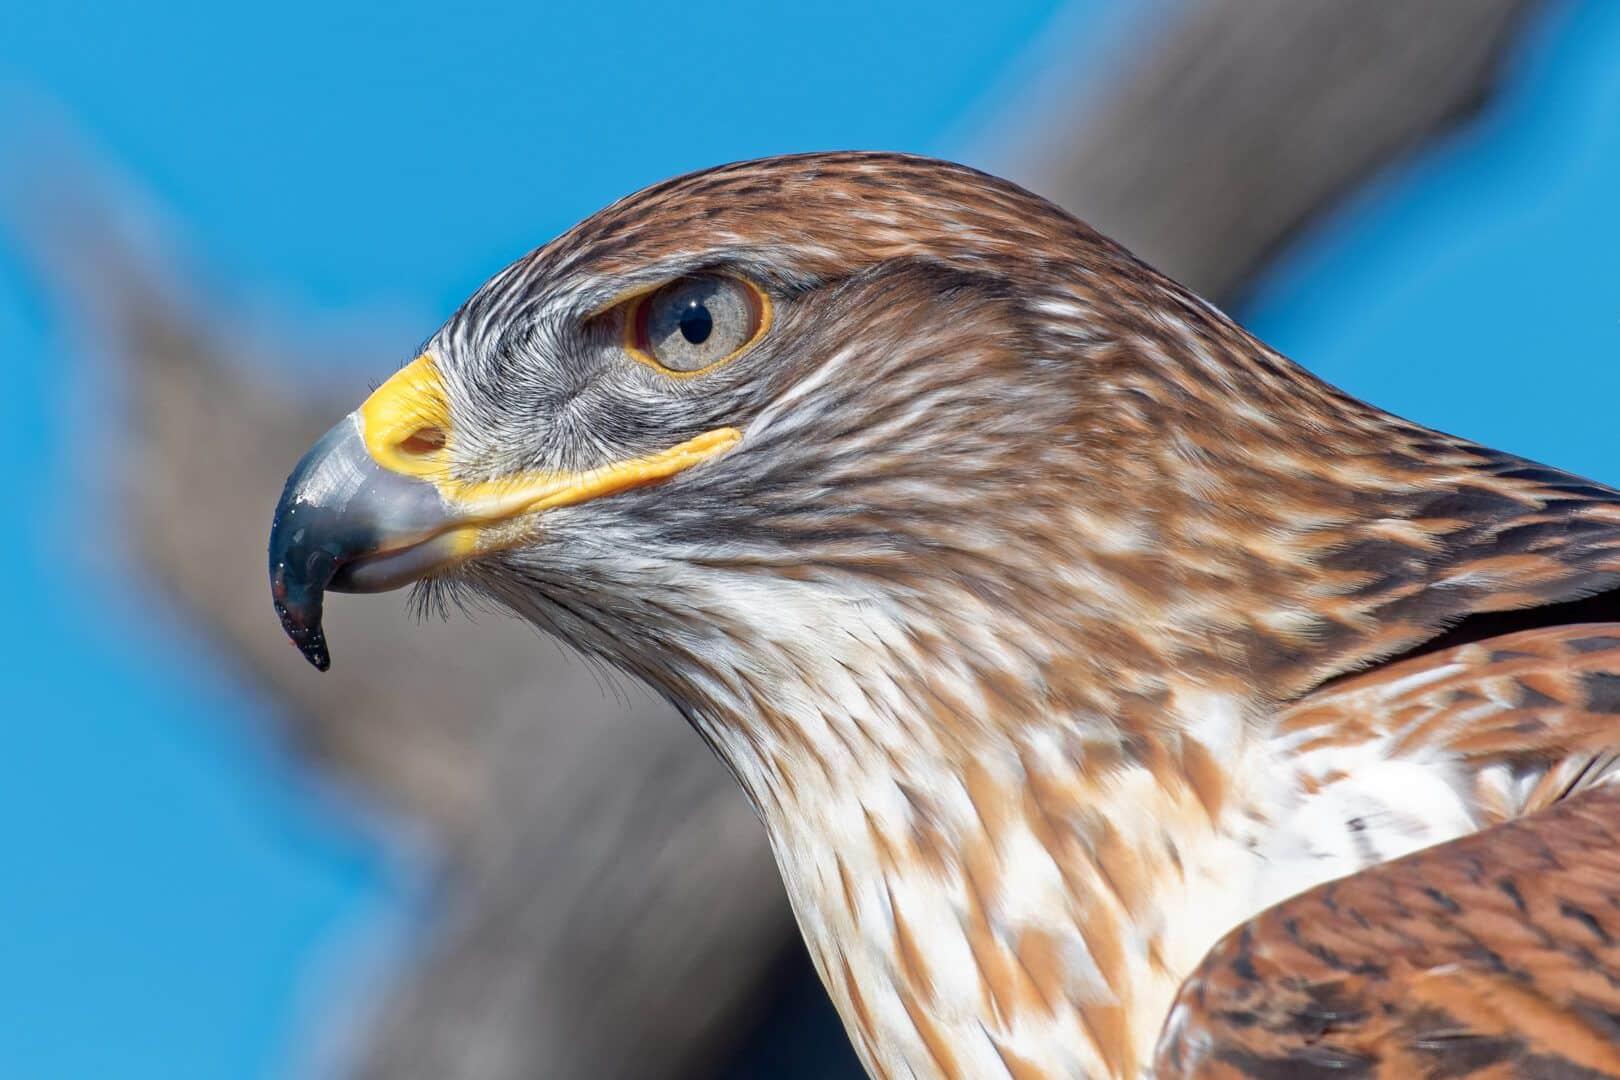 Aves de rapina - o que são, principais características e espécies do grupo